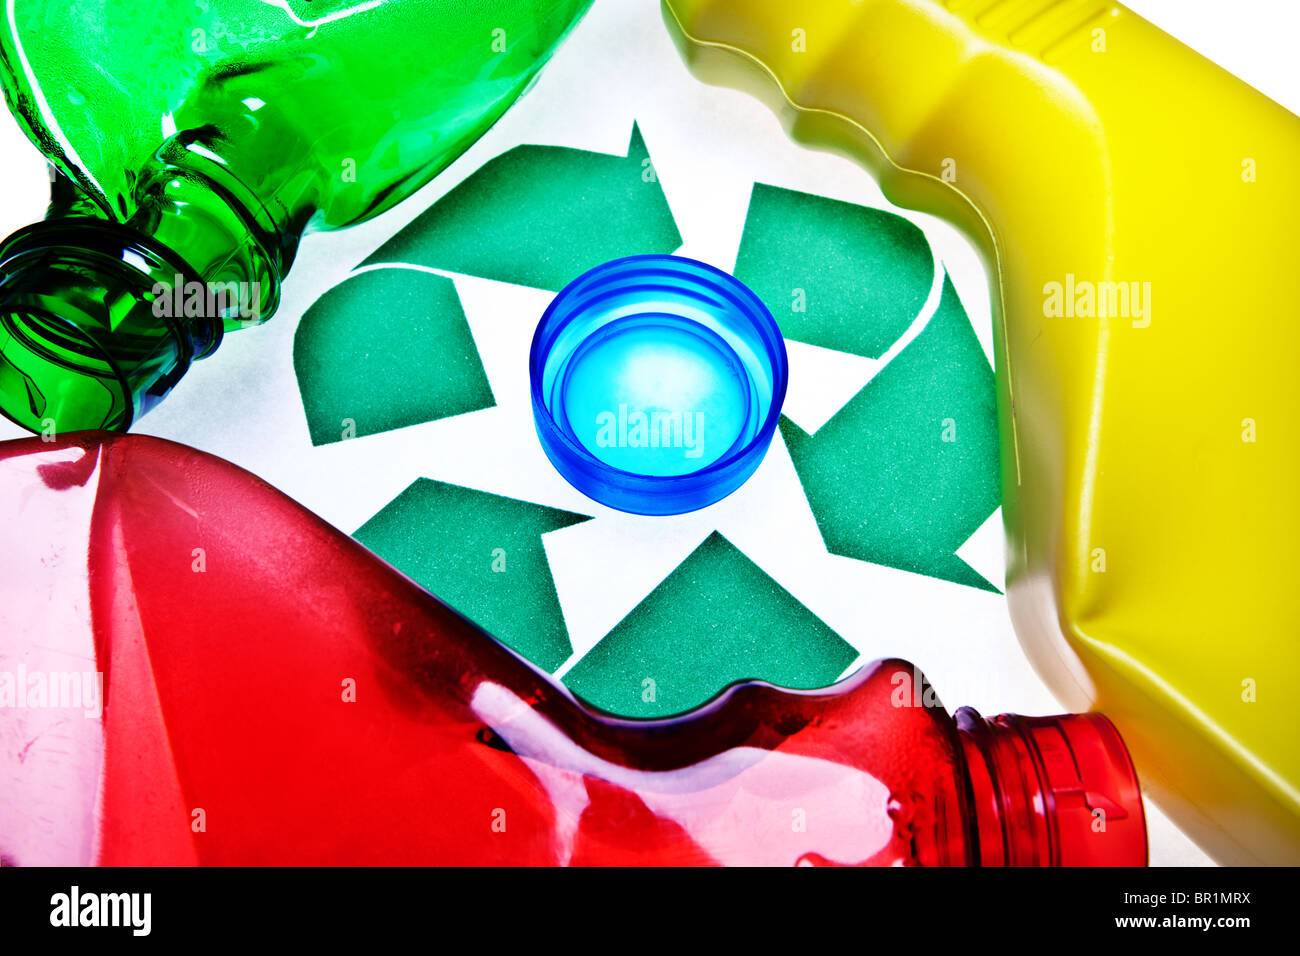 Recycle plastics - Stock Image